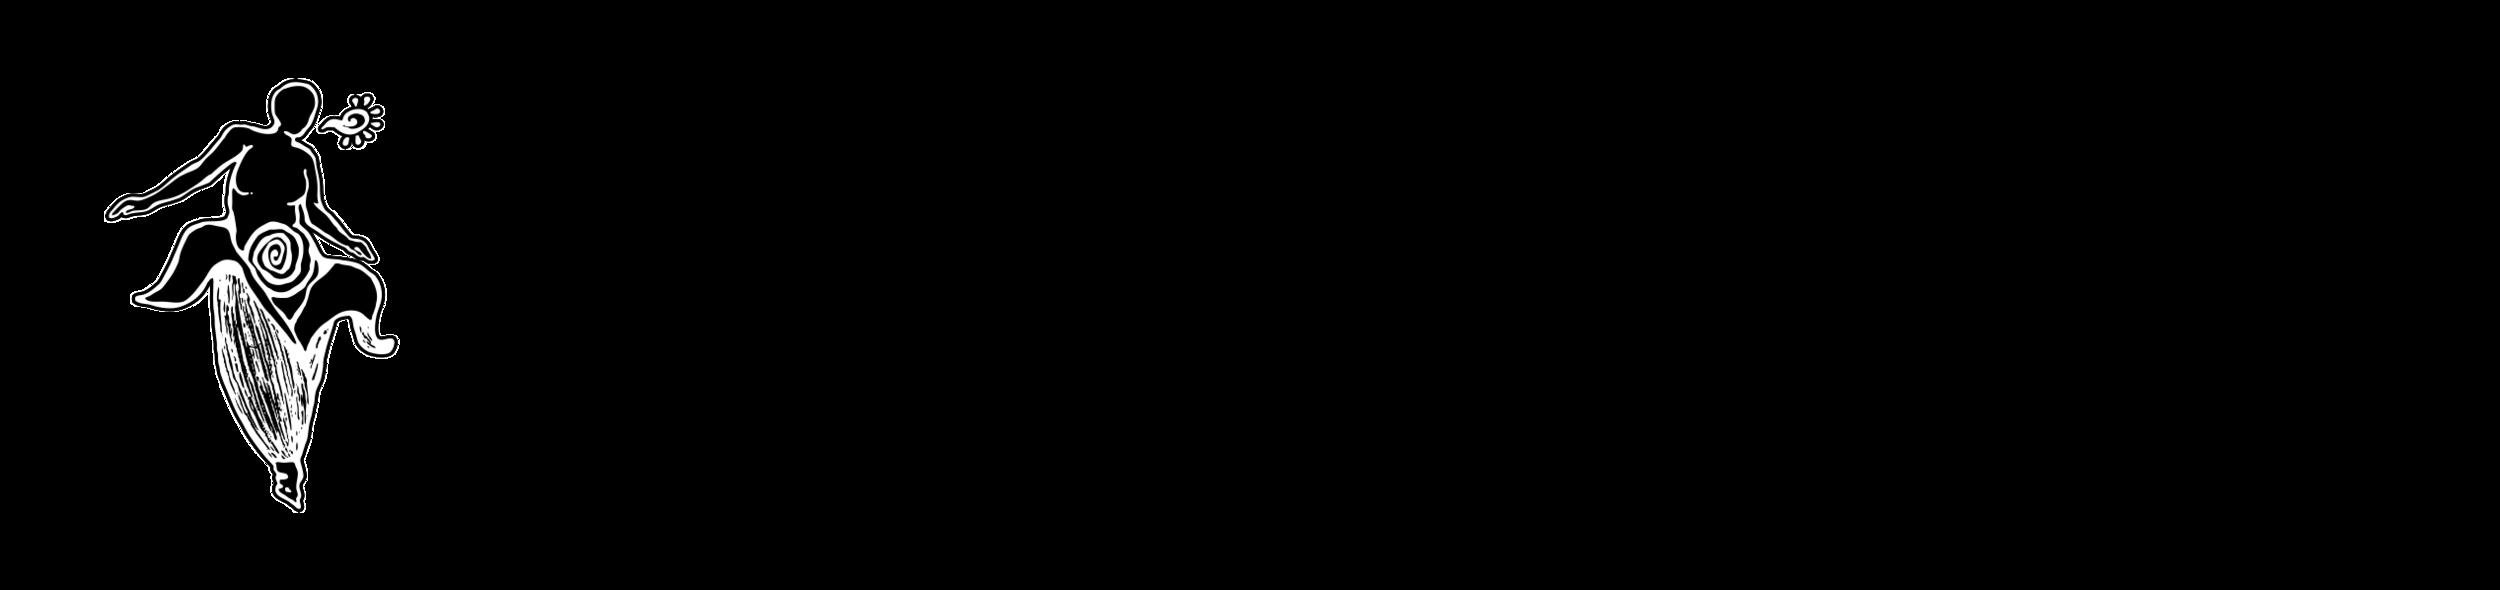 Org Logos.png